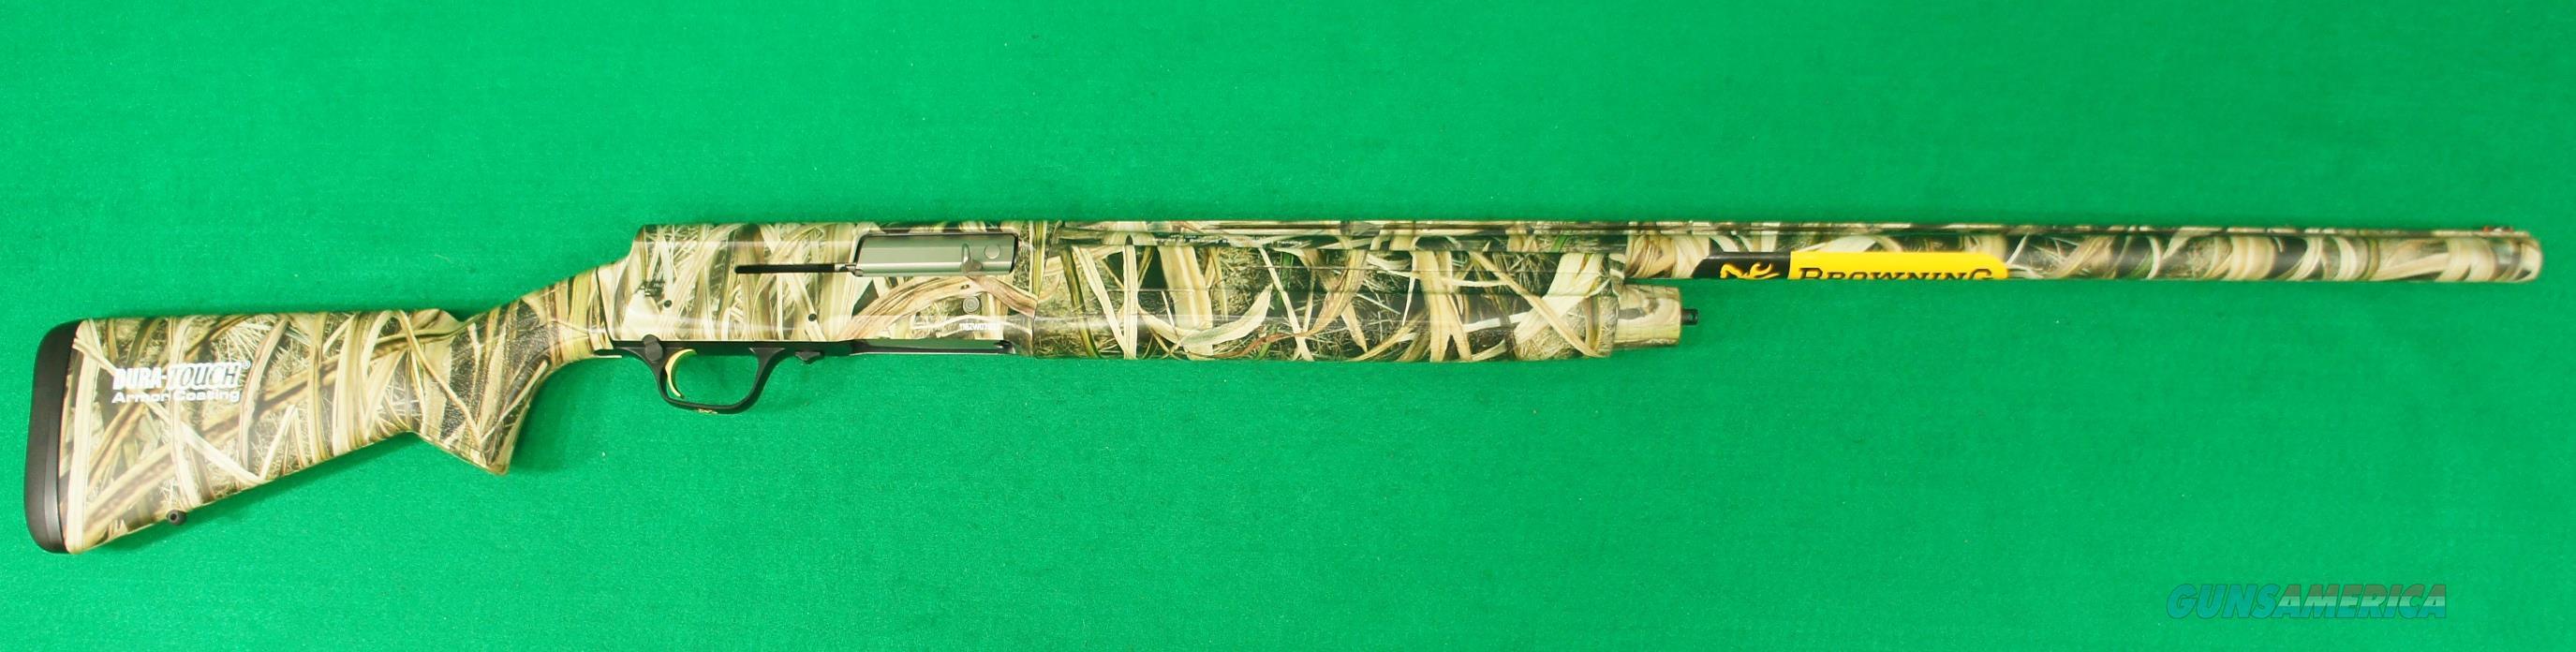 A5 Shadow Grass Blades 12Ga 30-3In  0118183003  Guns > Shotguns > Browning Shotguns > Autoloaders > Hunting